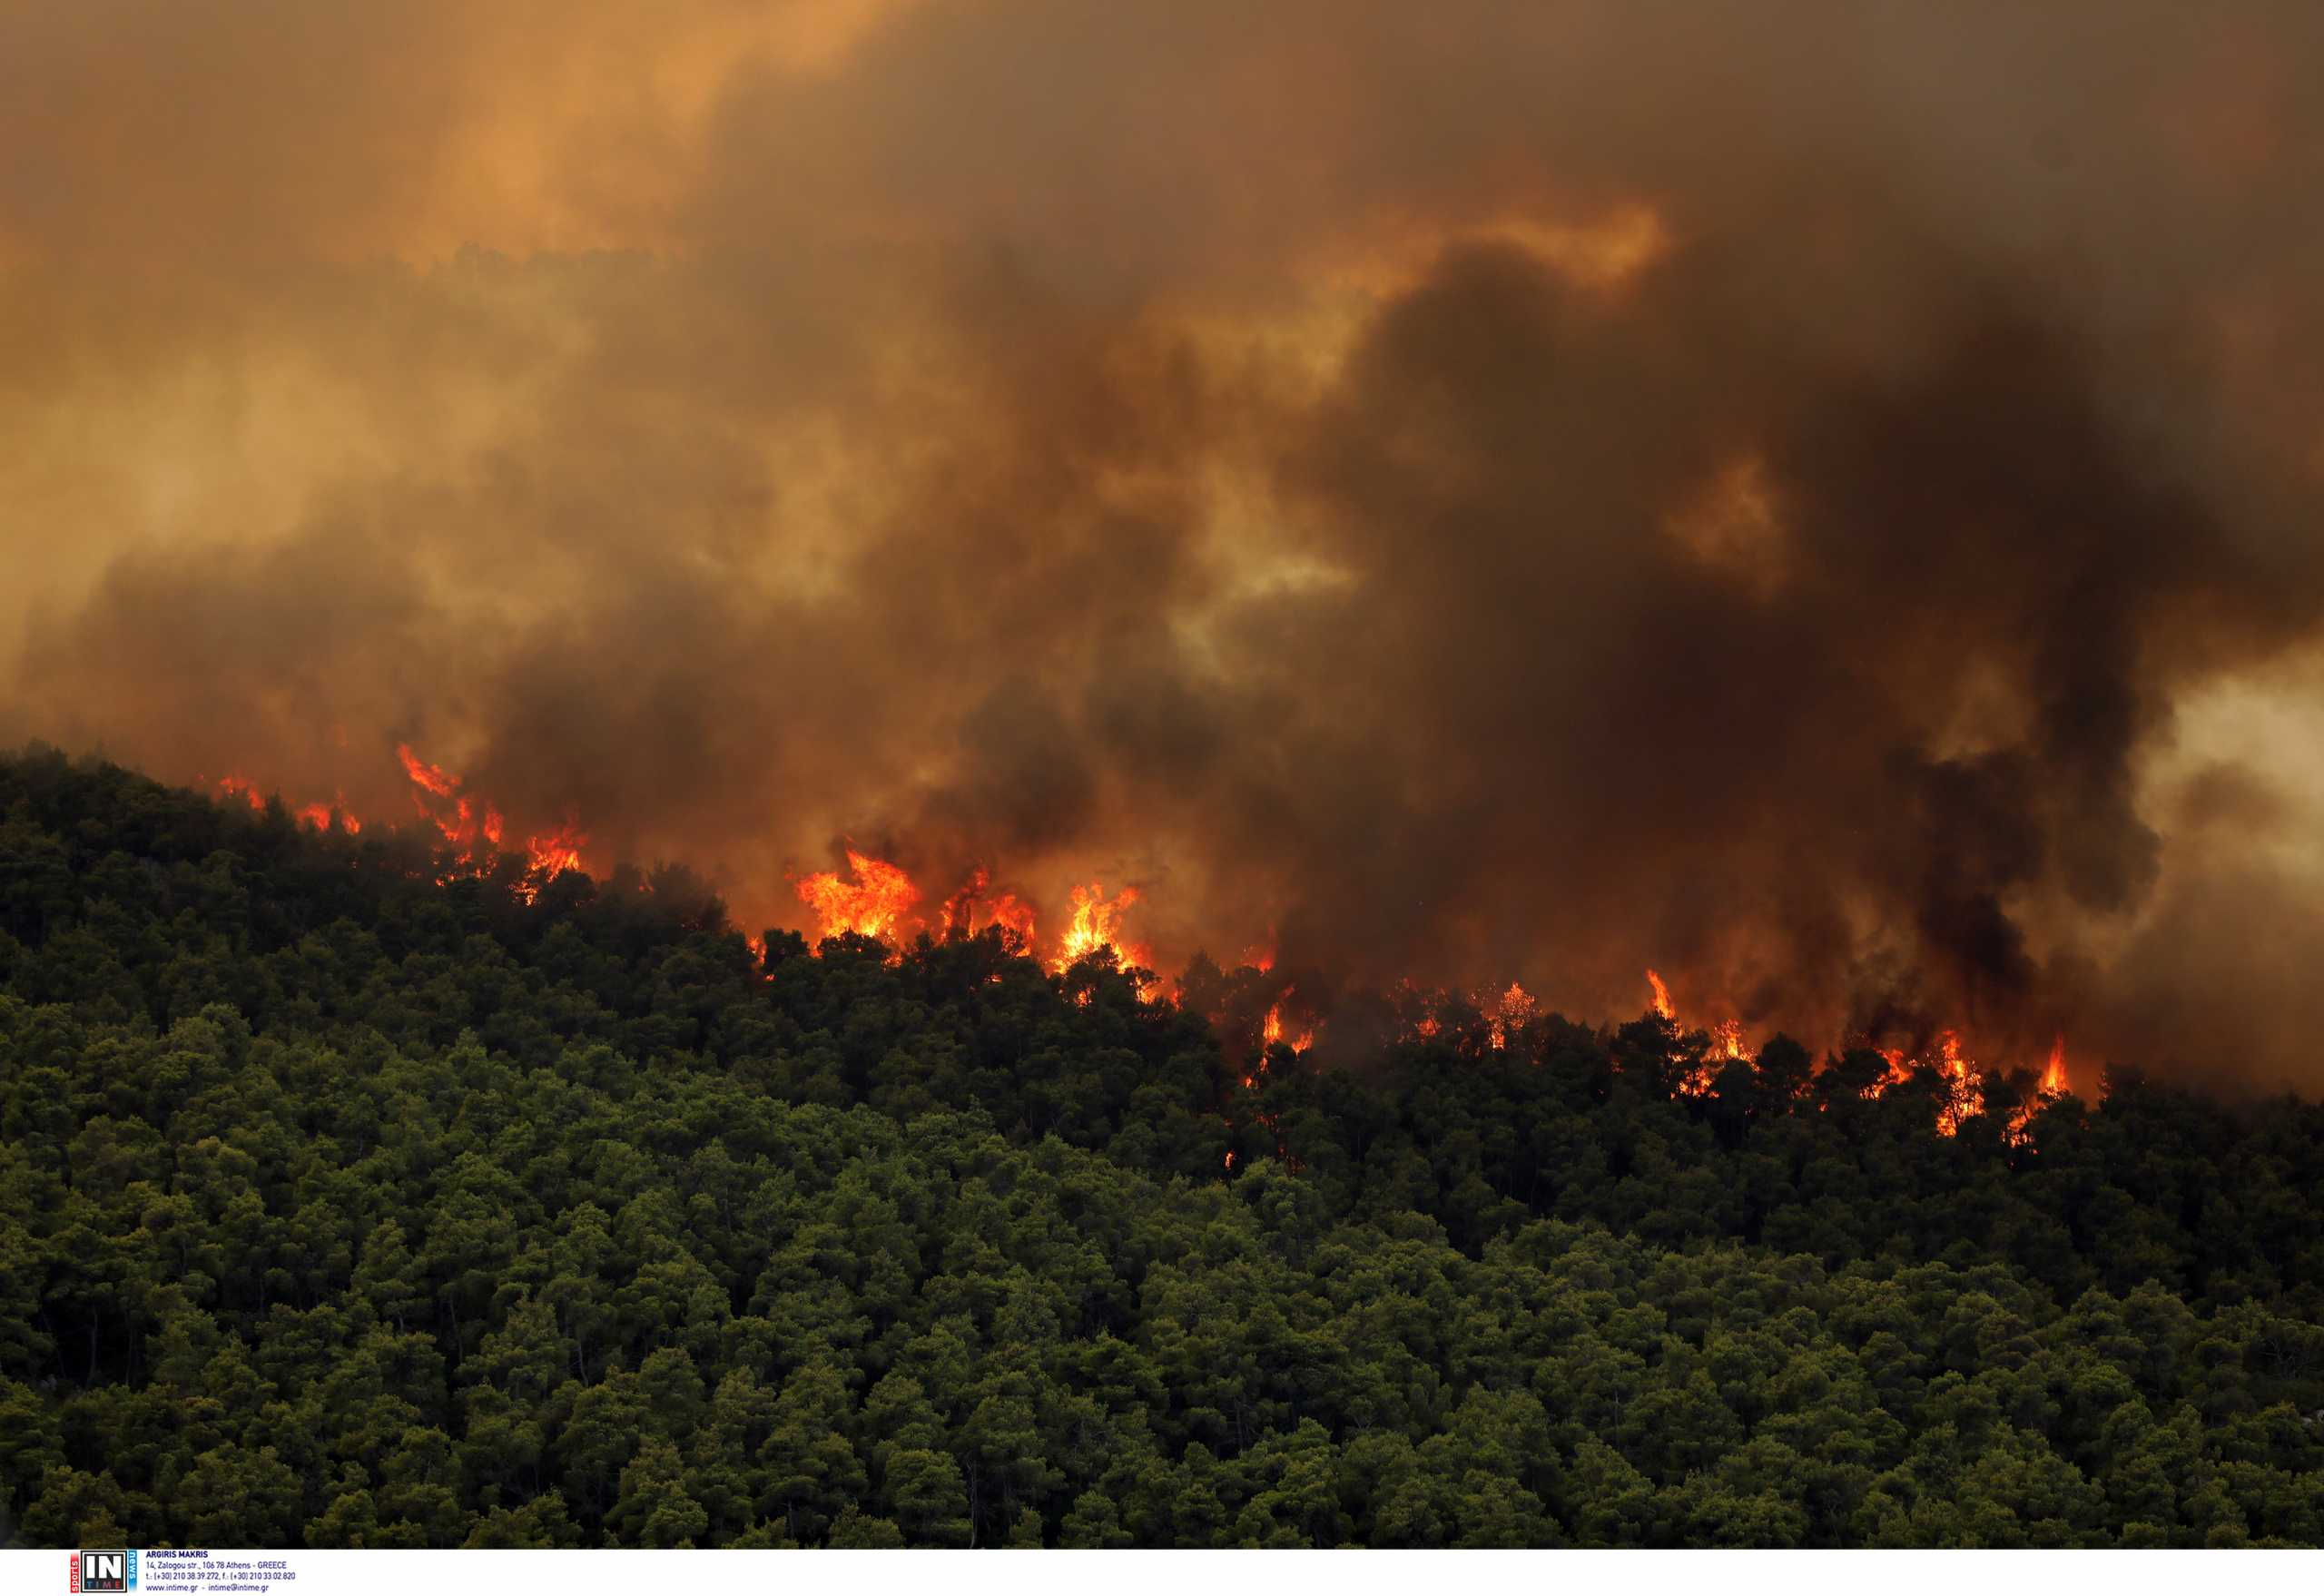 Πατούλης για φωτιά στα Βίλια: Εντολή εκκένωσης δίνει μόνο ο Αρχηγός της Πυροσβεστικής